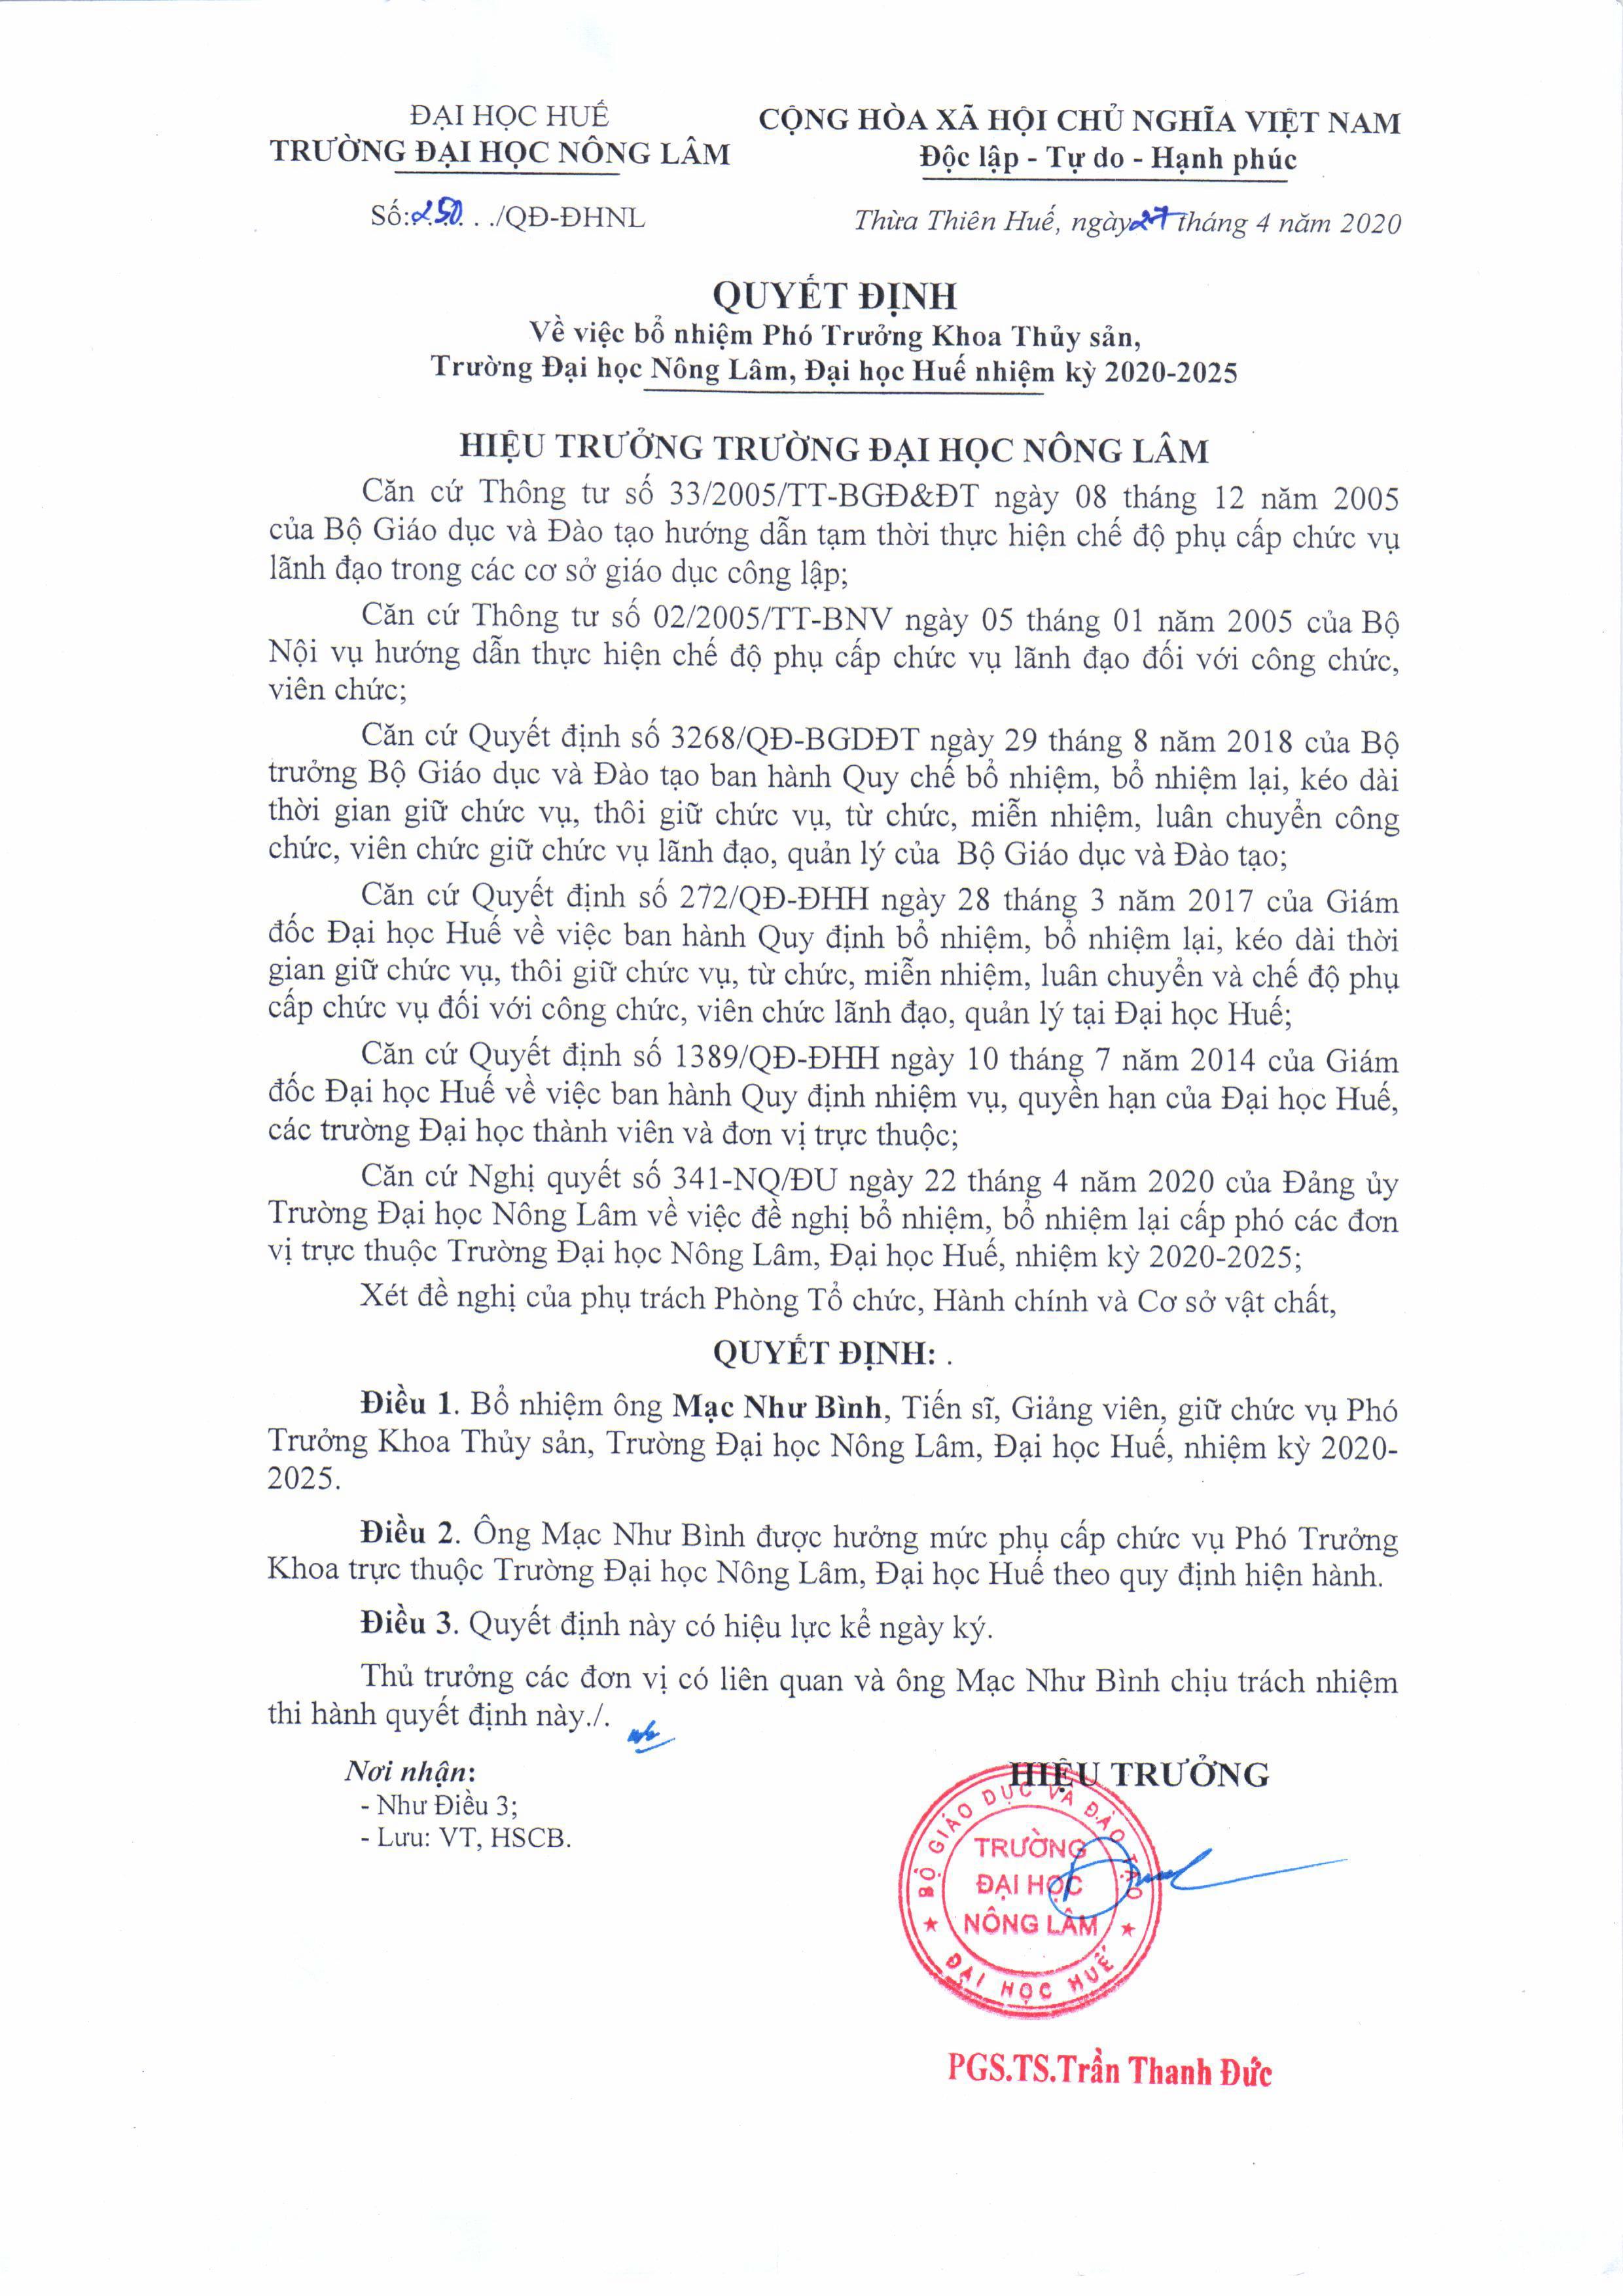 Quyết định bổ nhiệm TS. Mạc Như Bình giữ chức vụ Phó Trưởng khoa Thủy sản